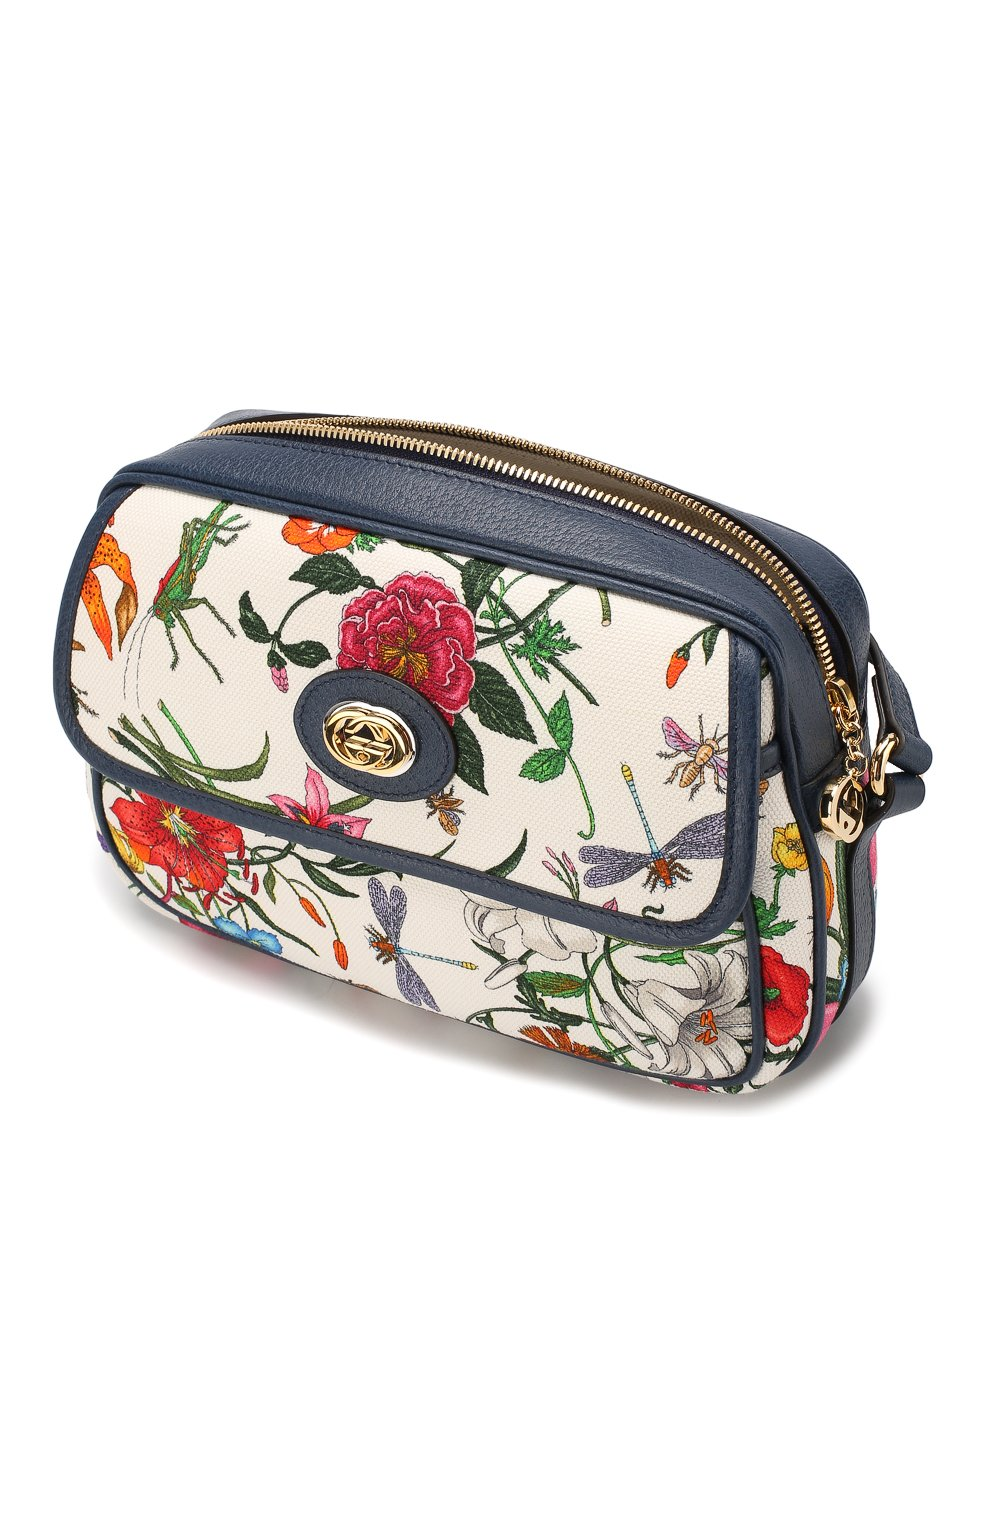 Сумка Flora Gucci разноцветная цвета | Фото №4